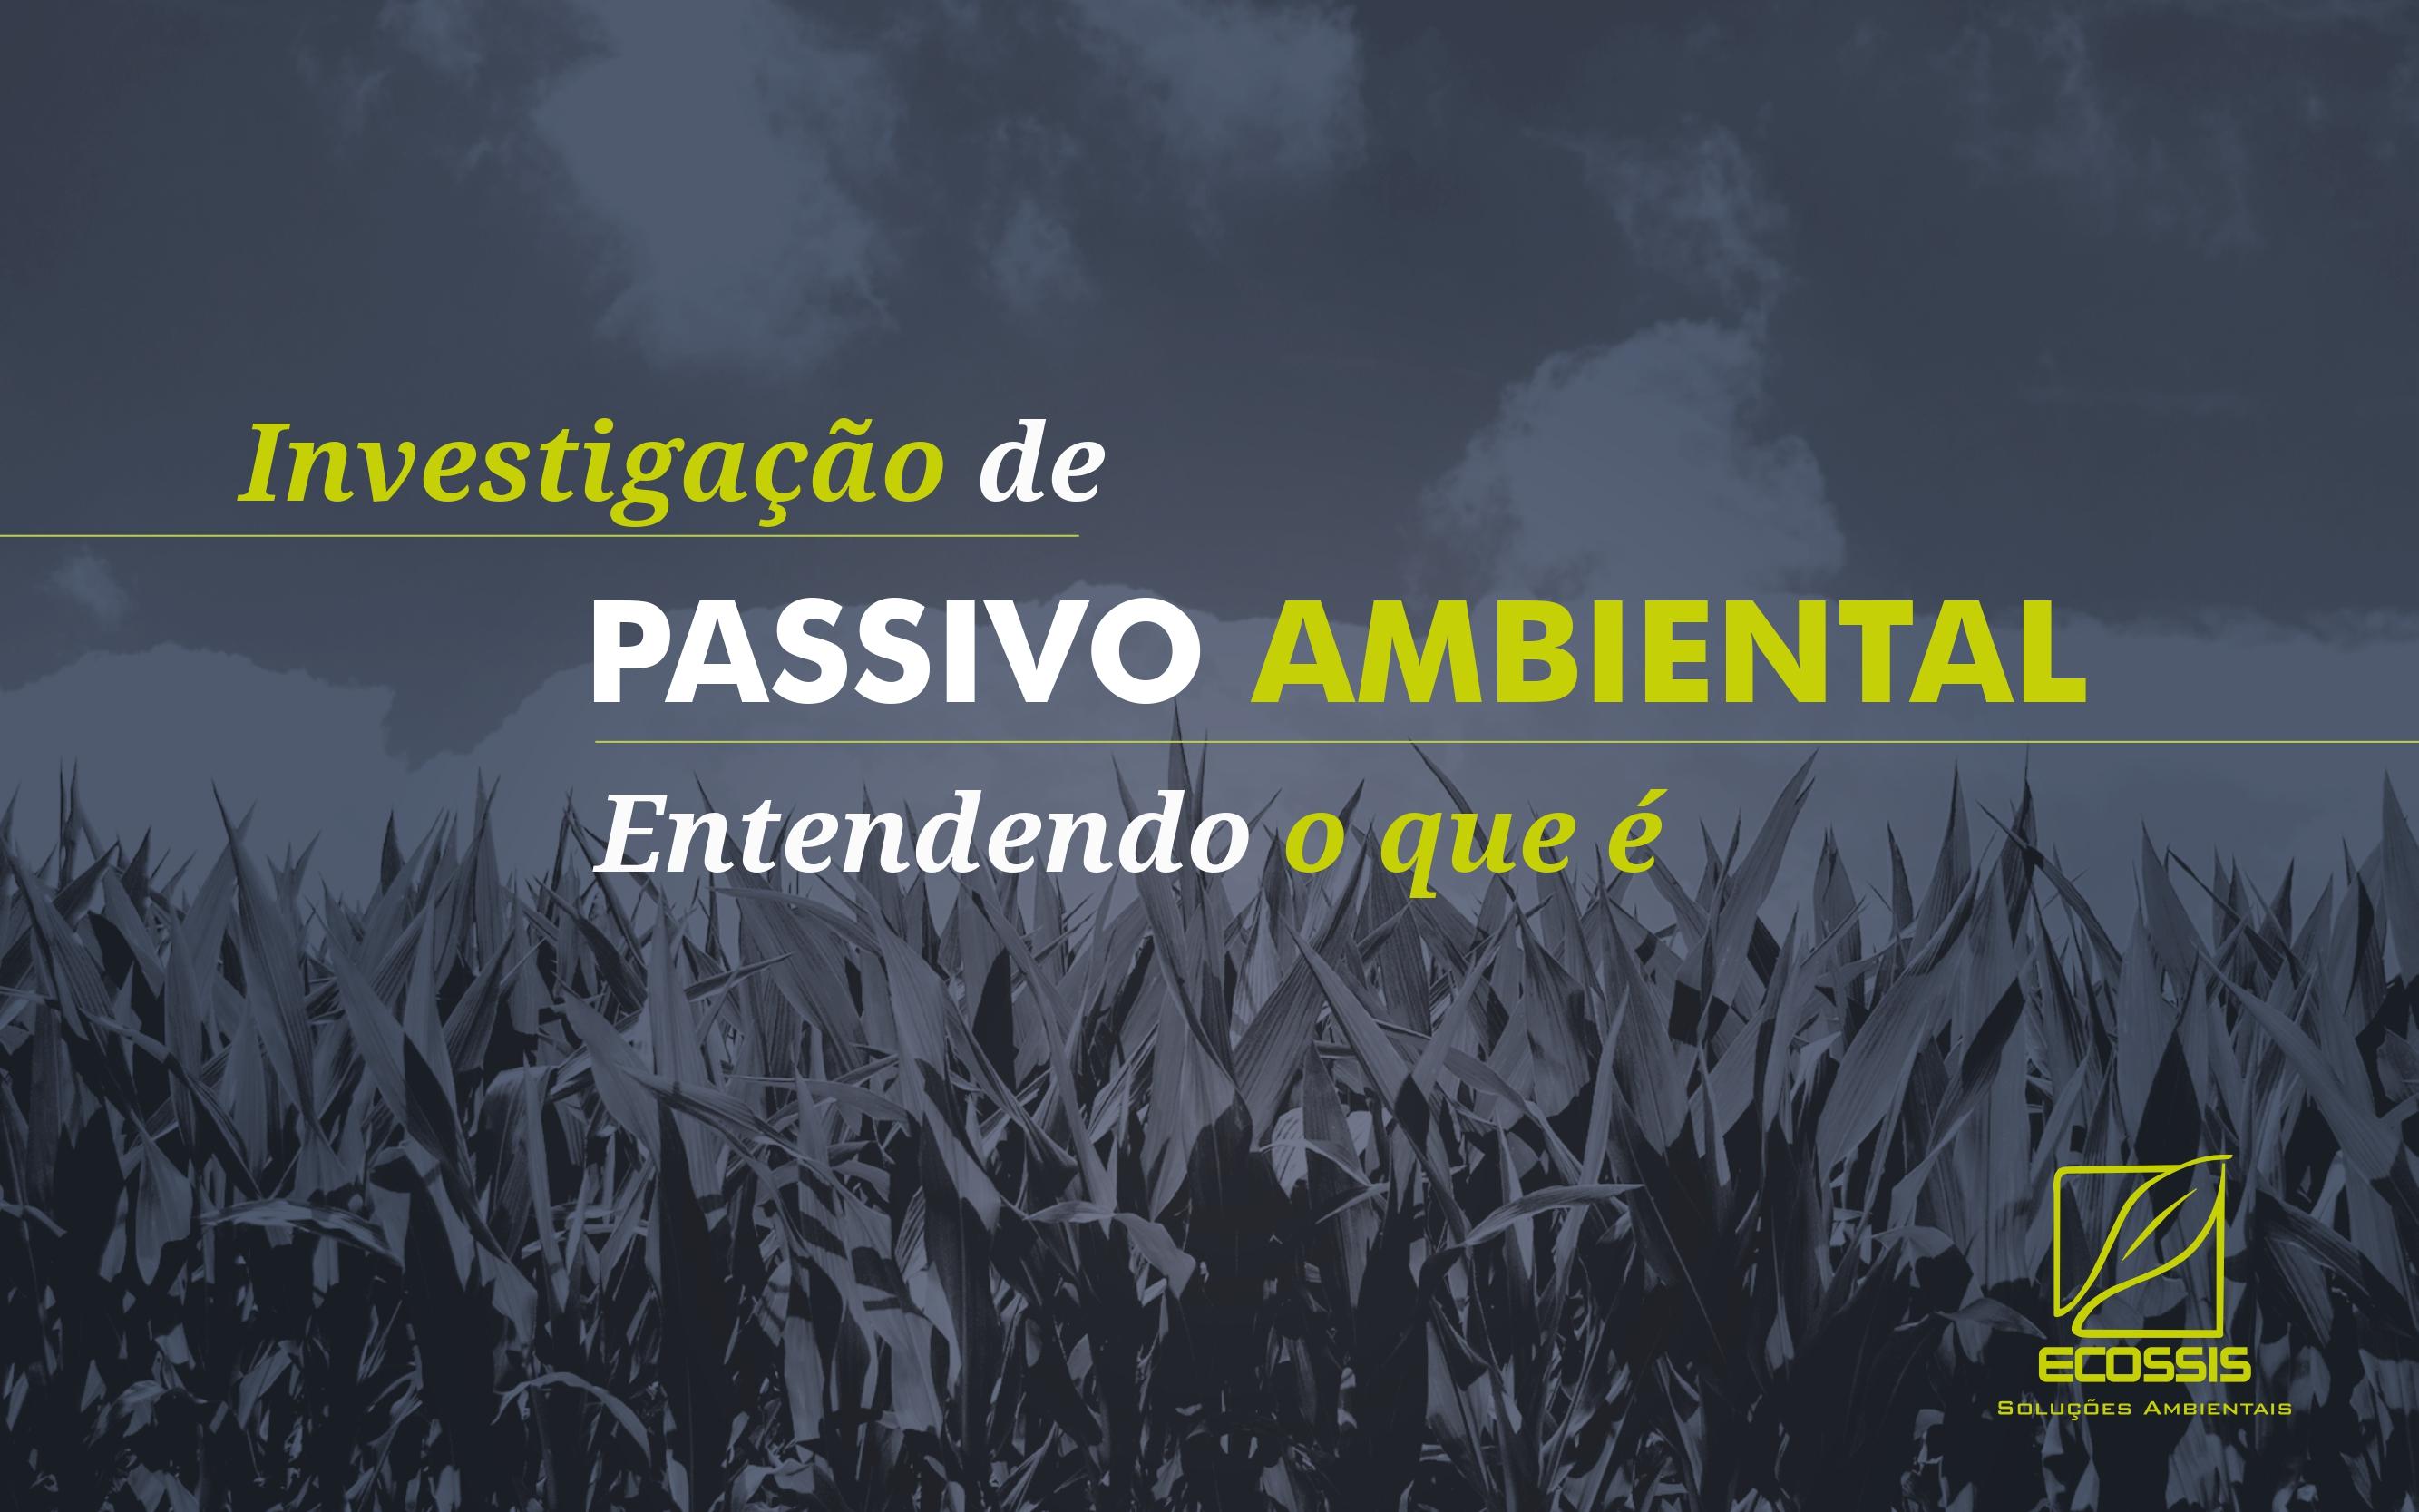 e-book passivo ambiental